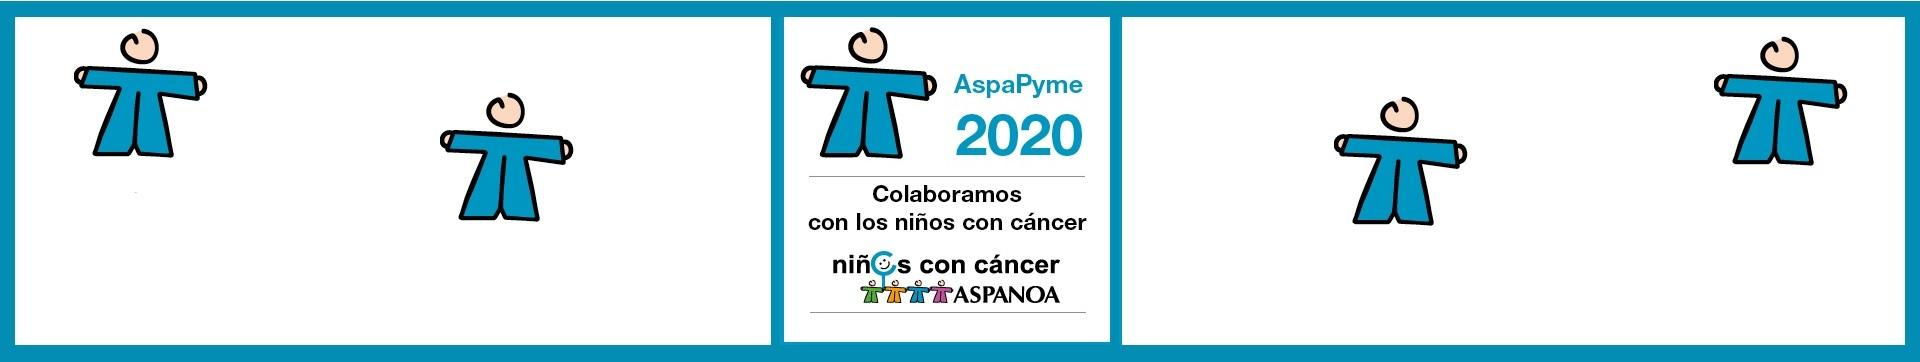 ASPANOA 2020